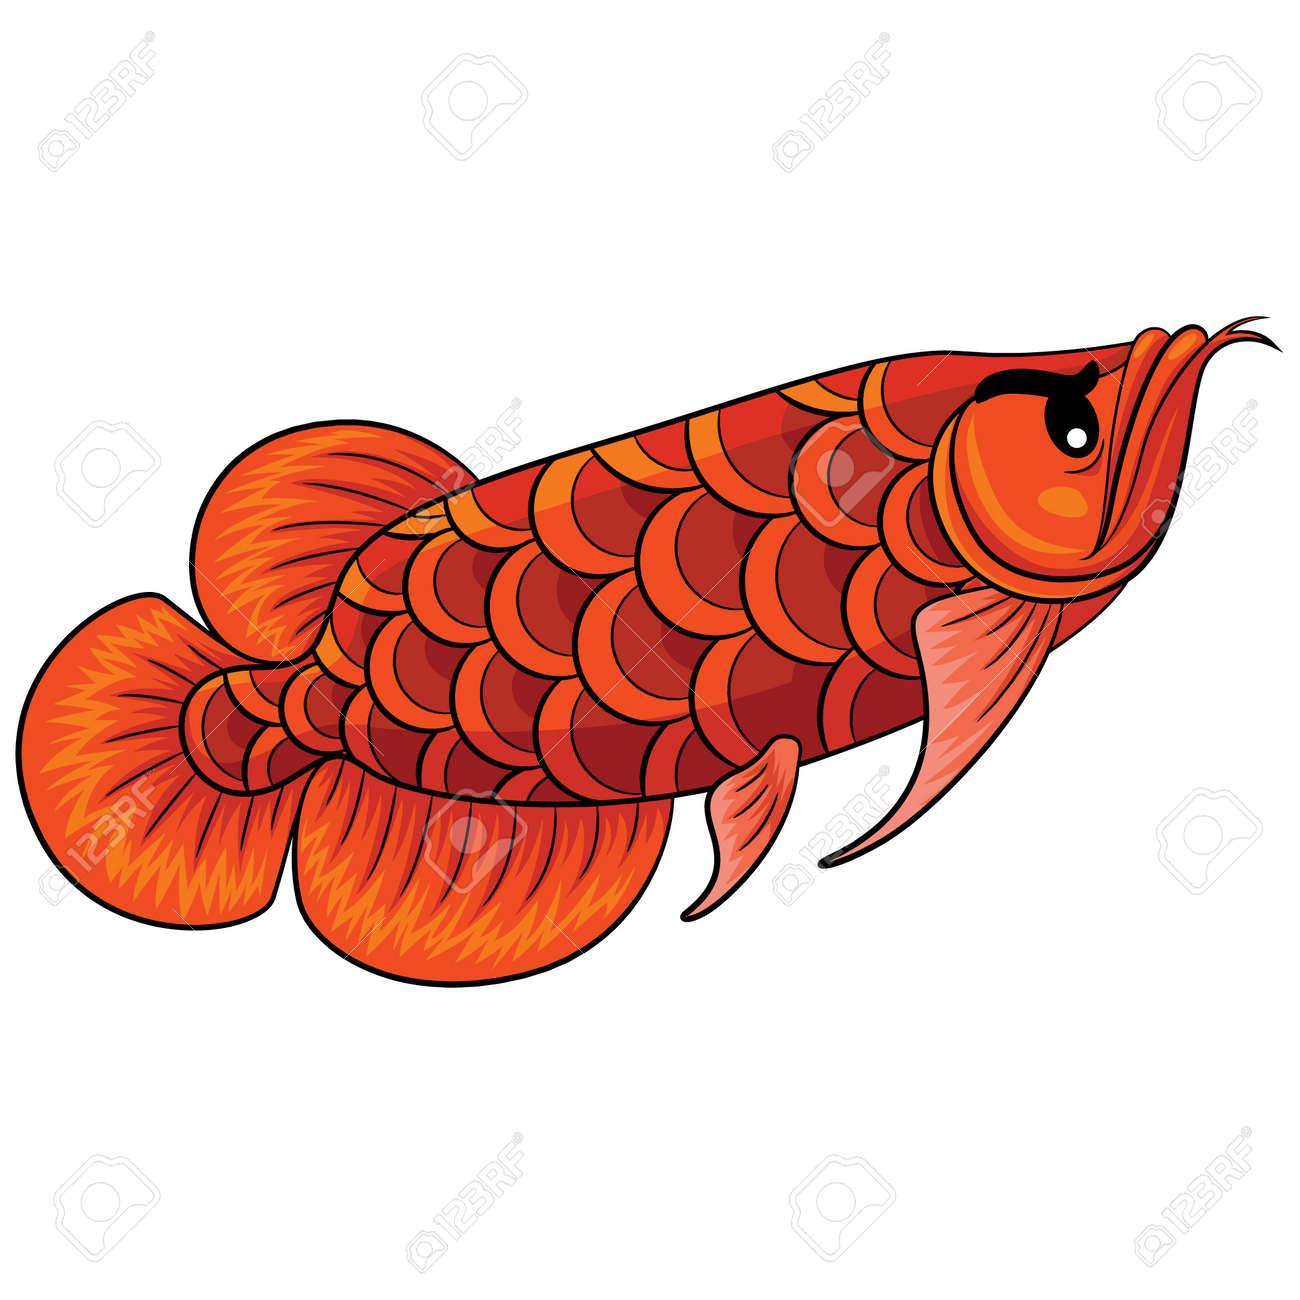 Illustration Of Cute Cartoon Arowana Fish. Royalty Free Cliparts ...